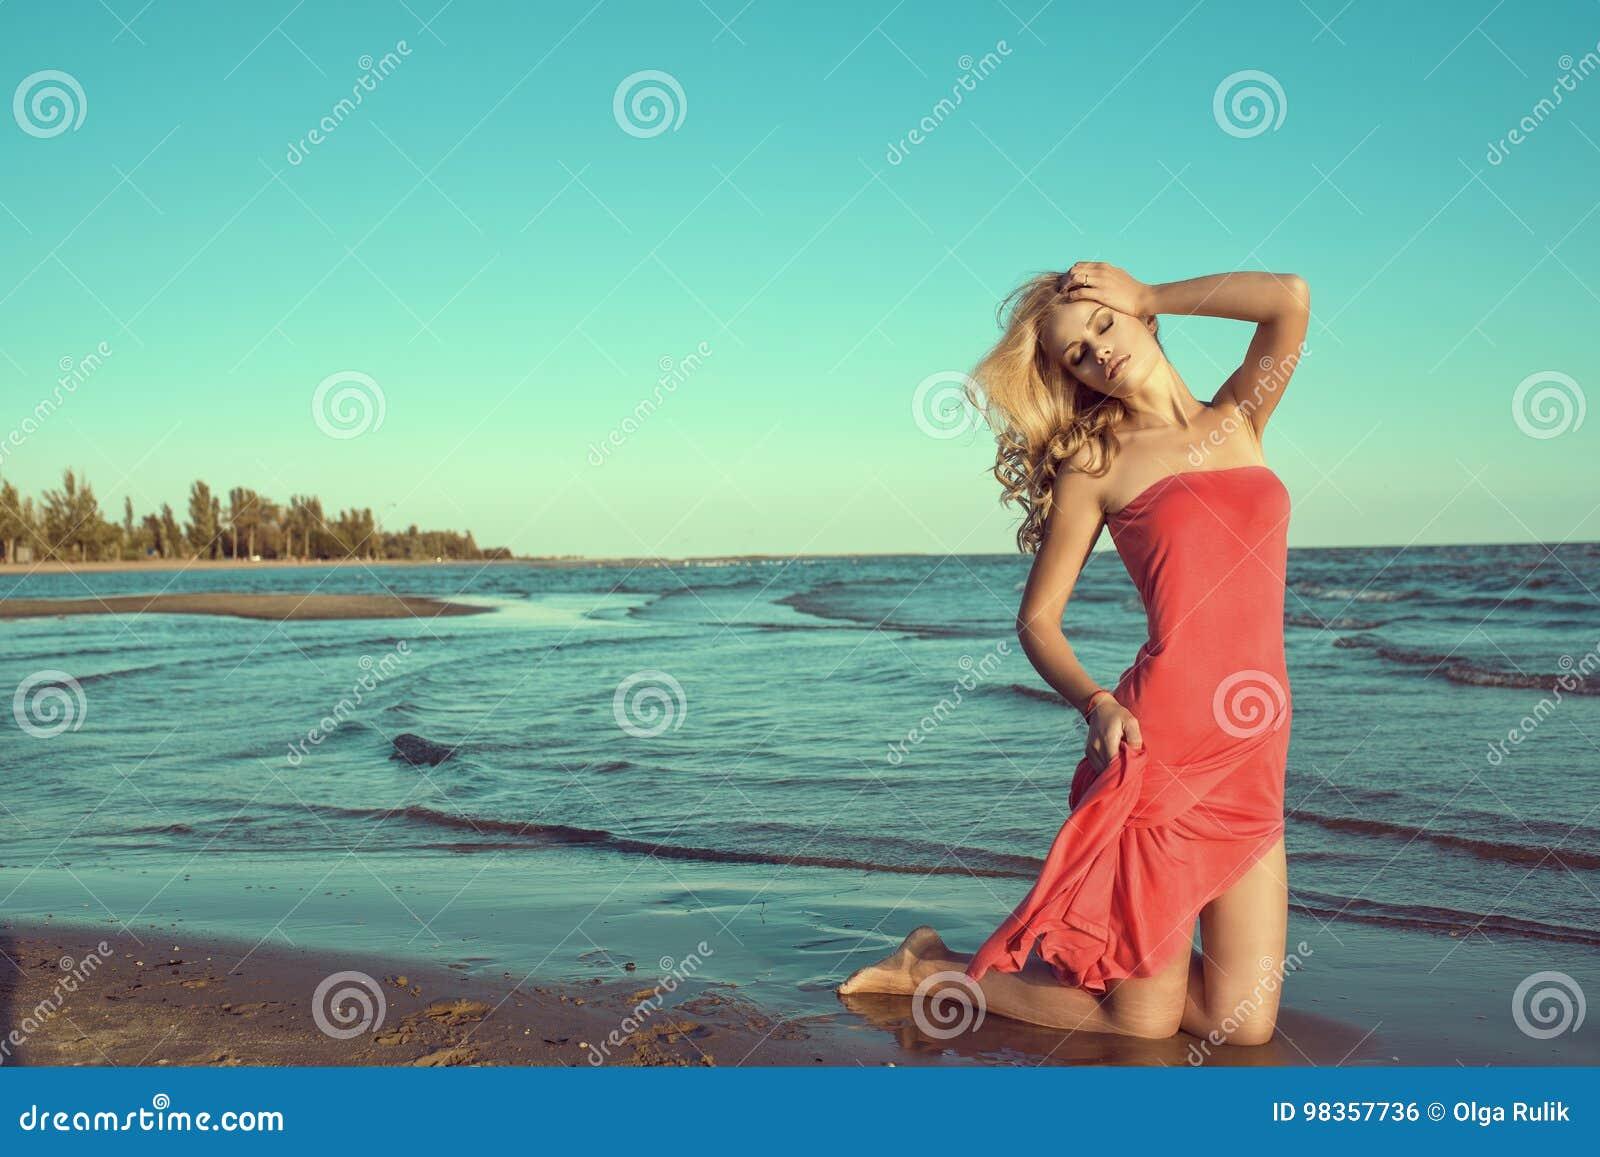 11649c3f5de7 Πανέμορφο προκλητικό λεπτό ξανθό πρότυπο στο κόκκινο στράπλες φόρεμα που  στέκεται στα γόνατα στο θαλάσσιο νερό